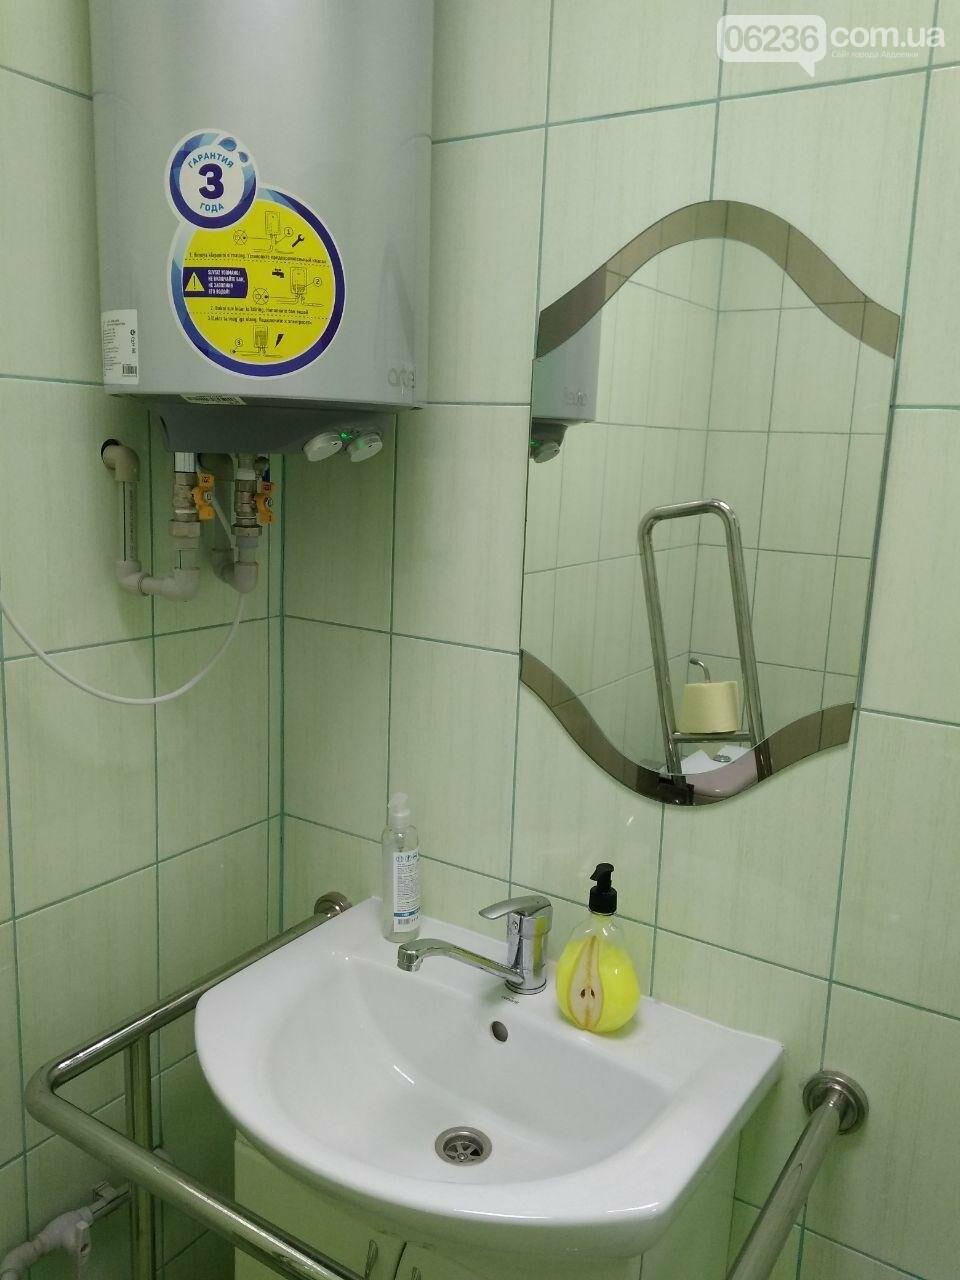 «Преобразим Авдеевку вместе!»: в центре реабилитации «Искорка» появилась современная санитарная комната (ФОТОФАКТ), фото-4